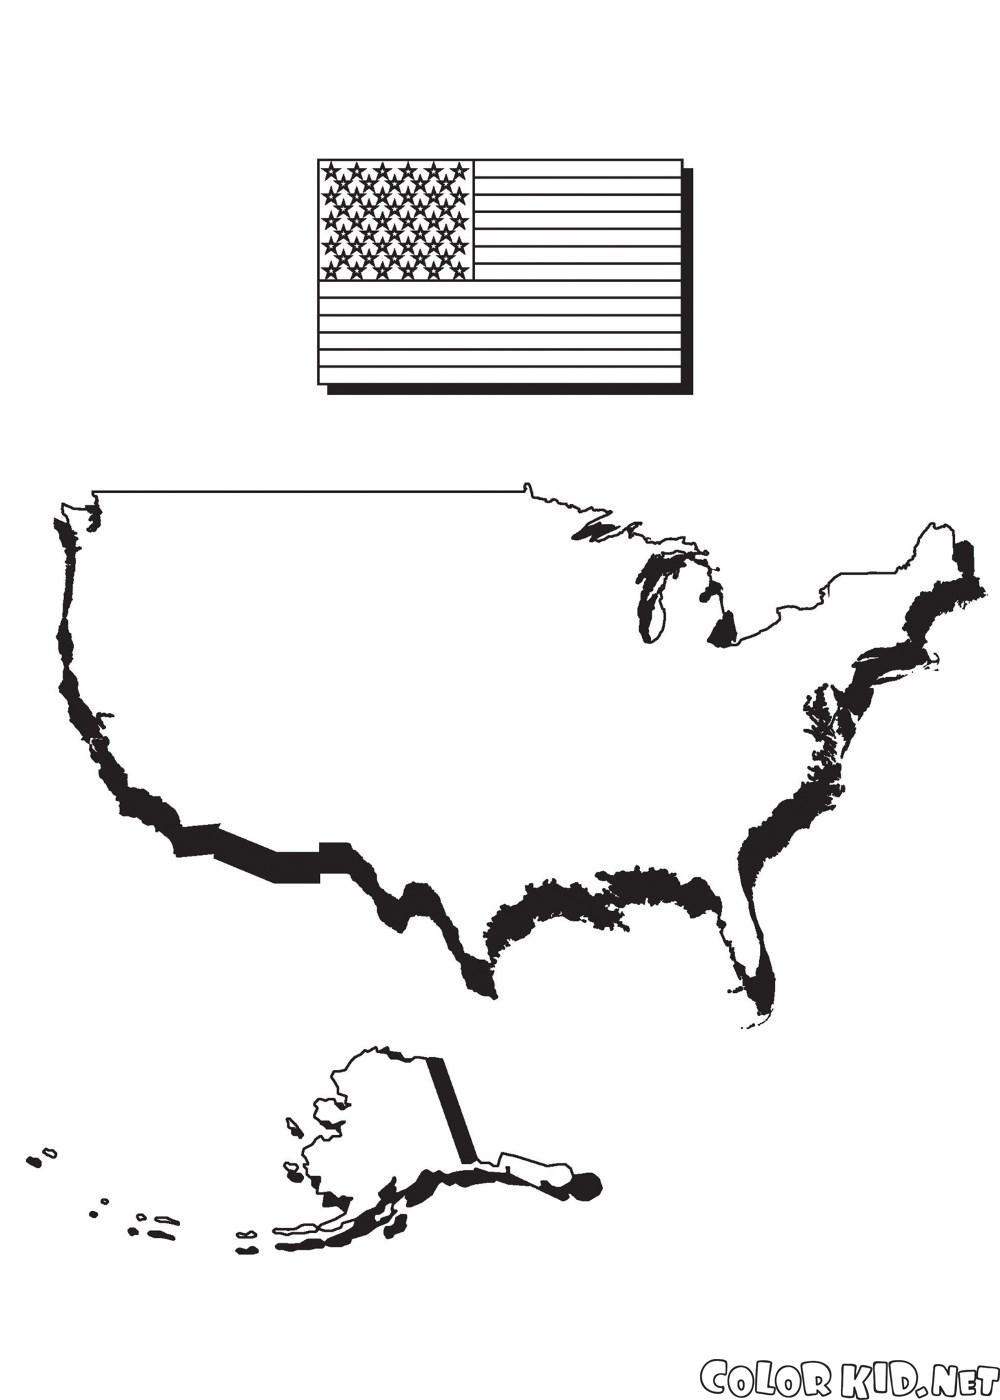 美國地圖和國旗的